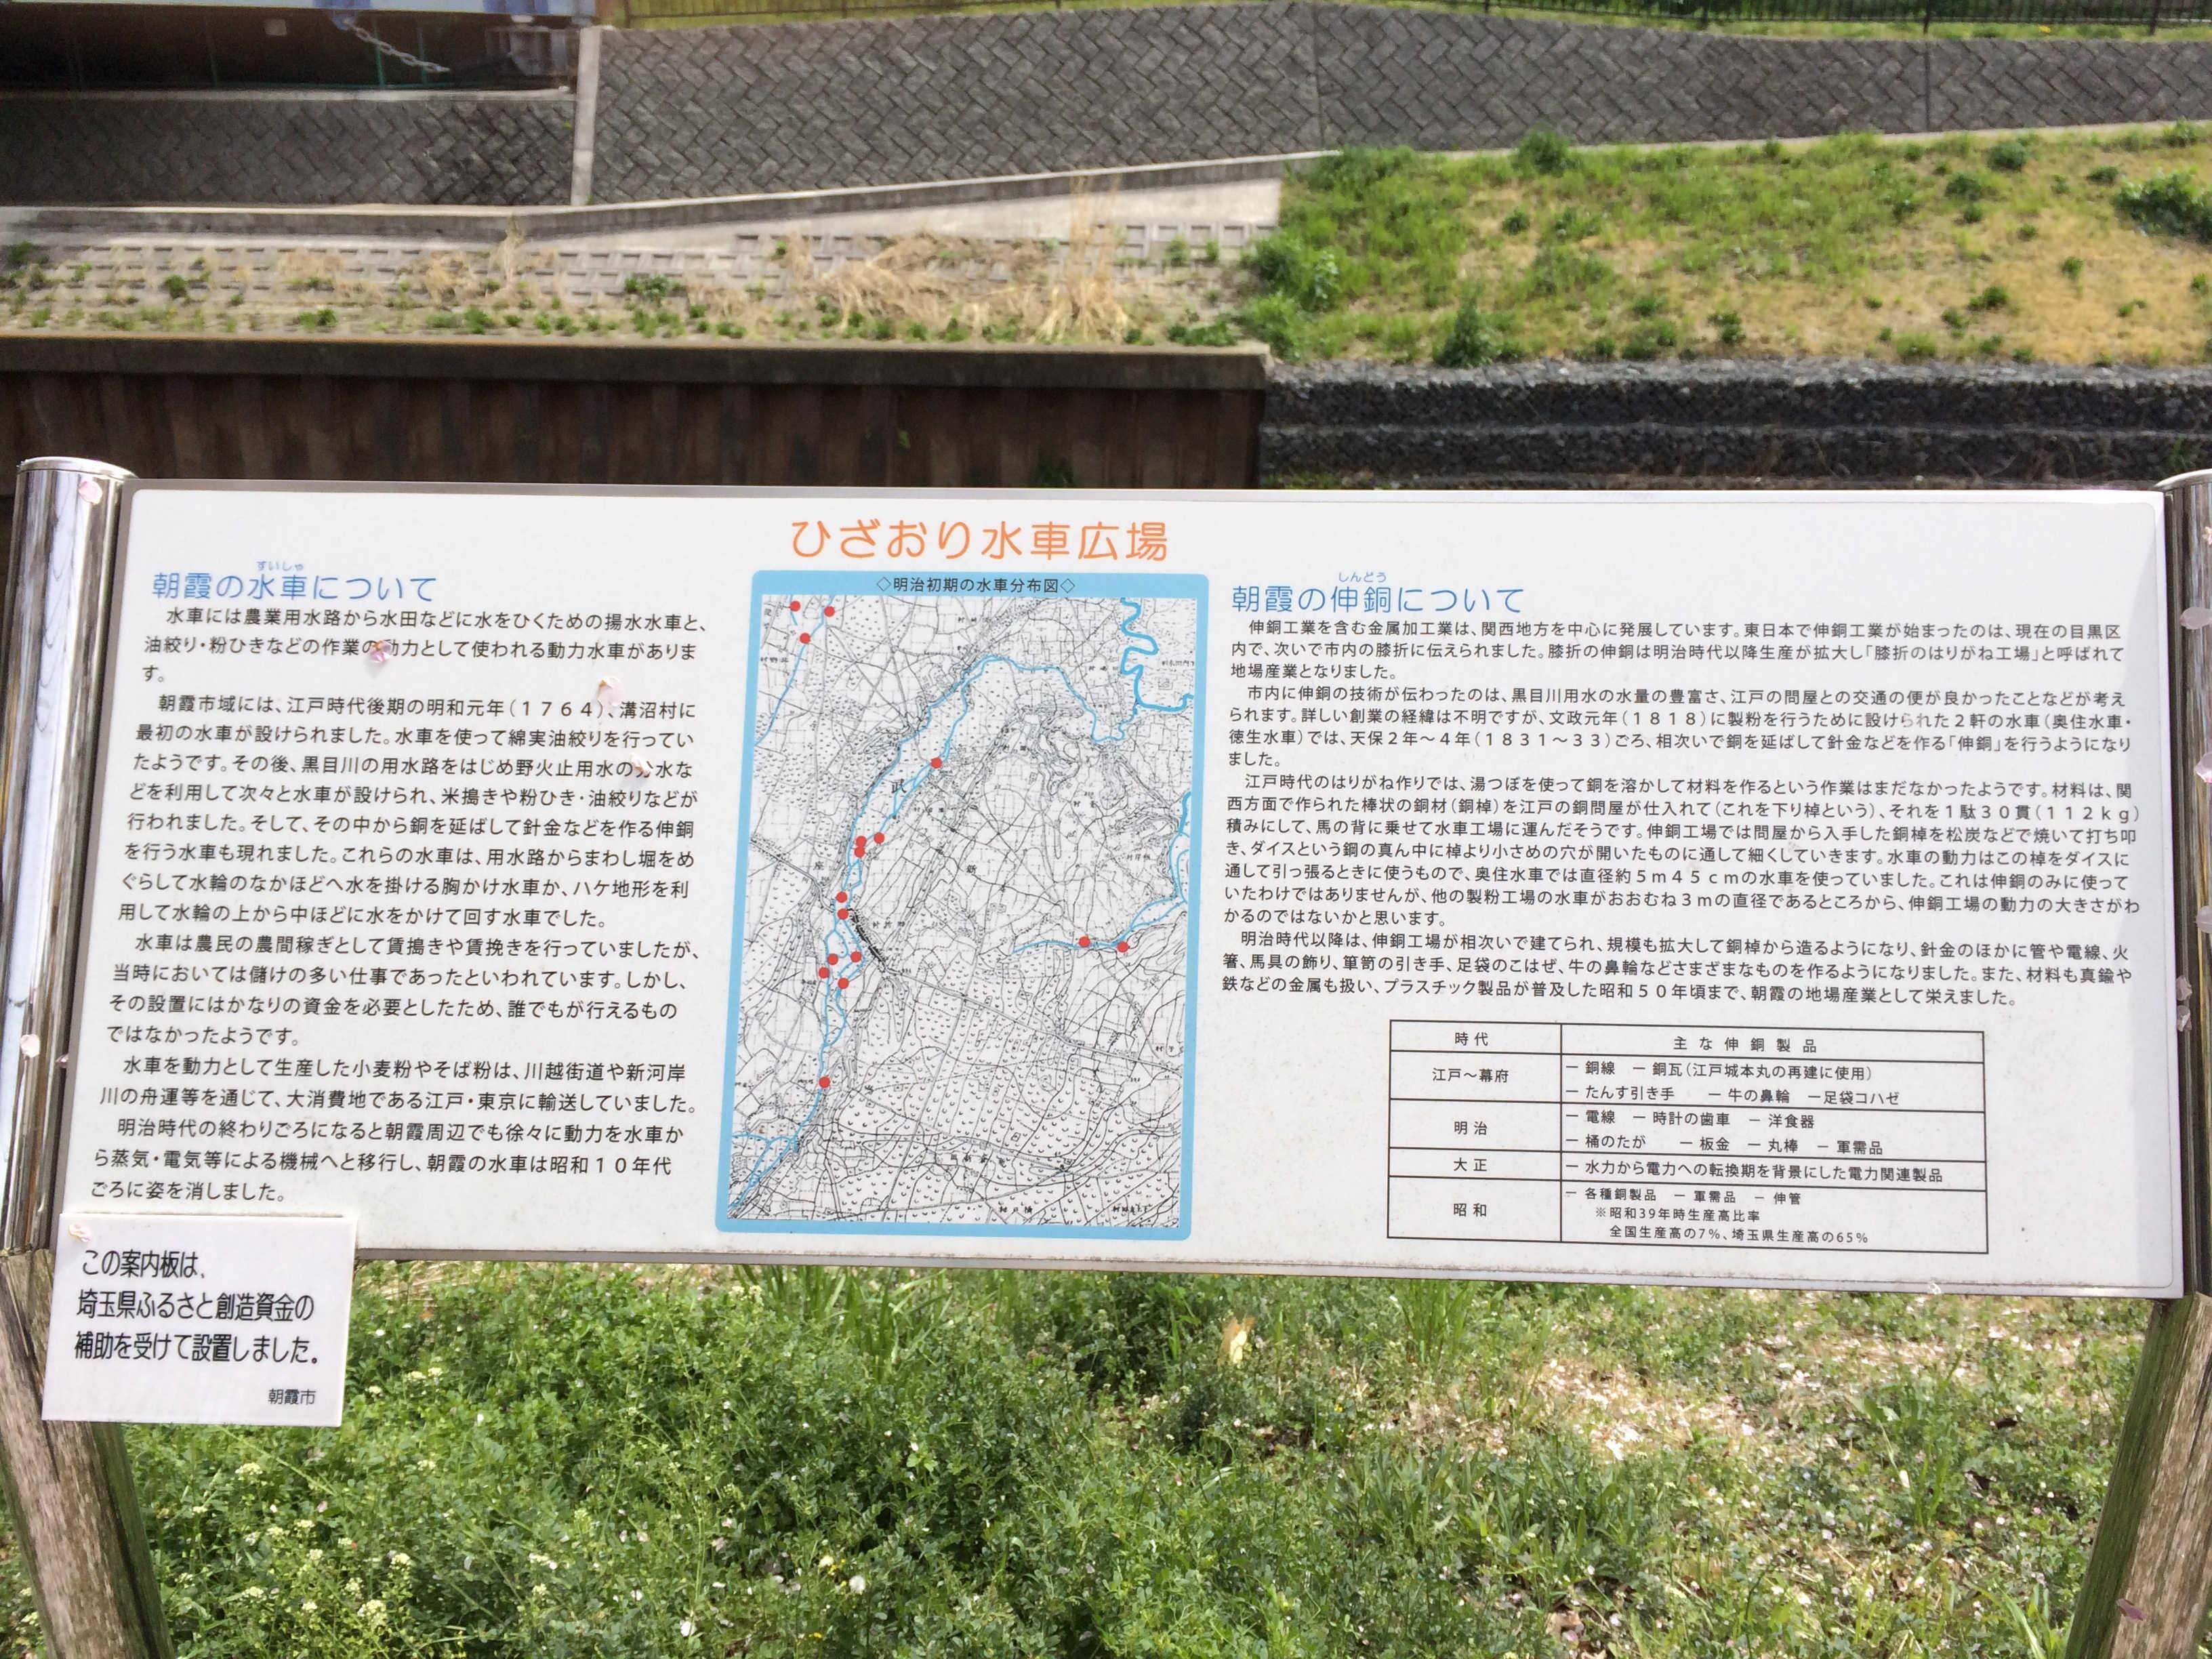 ひざおり水車広場